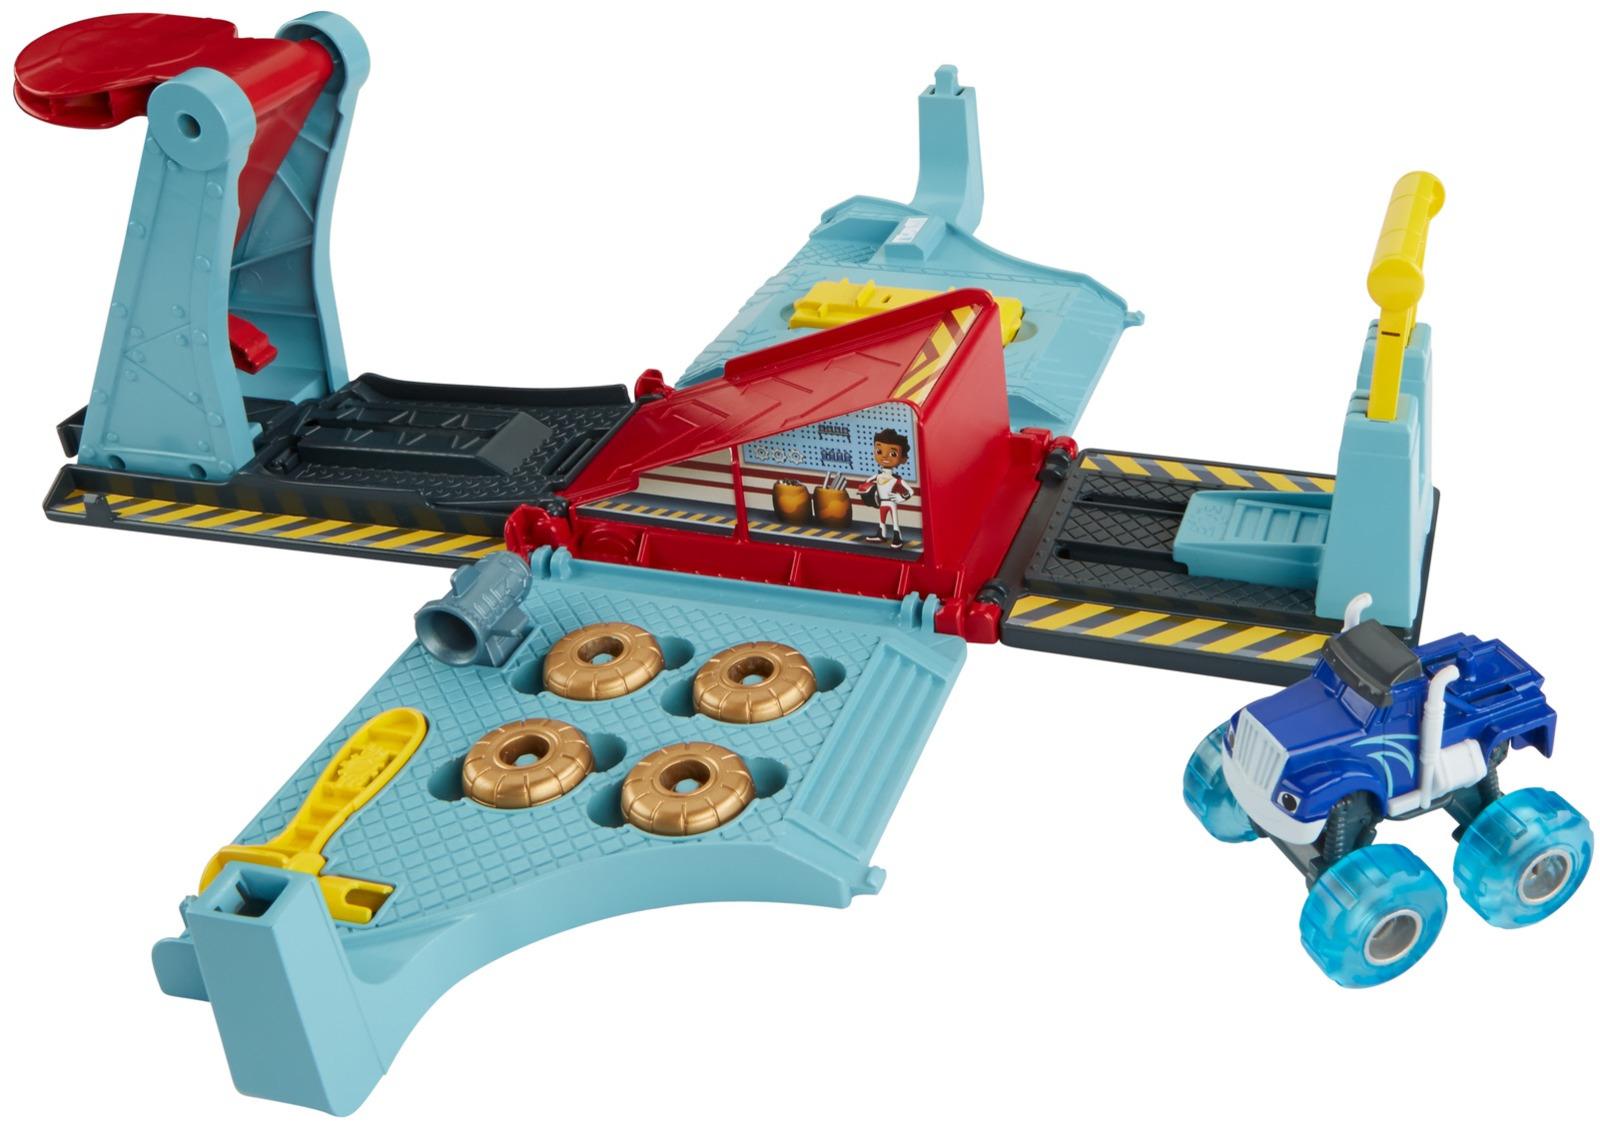 Игровой набор Blaze and the Monster Machines Гараж в Аксель ситиFHV41Настало время помочь Вспышу и его друзьям чудо-машинкам в новом приключении. Представляем вам Ремонтный гараж! Величайший обманщик Аксель-Сити, Крушила, теперь в новом уникальном игровом наборе. После провала последнего коварного замысла Крушиле нужно снова прийти в форму и приготовиться к гонкам. Поместите Крушилу на подъемник, возьмите гаечный ключ и замените его шины на новые, из другого набора. С помощью пусковой установки, Крушила может перескакивать через панель, высоту и положение которой можно легко регулировать. После окончания тренировок игровой набор легко убирается в специальный ящик в форме гаража Аксель-Сити из мультсериала. В нем можно хранить все необходимые аксессуары, а сверху гаража отдыхает сам Крушила. Гараж оснащен специальной ручкой, позволяющей взять его с собой куда угодно. Ремонтный гараж содержит два комплекта шин, гаечный ключ и ракетный ускоритель, который можно установить на Крушилу для большей скорости. О продукте: Переносной игровой набор с ящиком для хранения. Гараж раскладывается в игровой набор. Включает специальную чудо-машинку Крушилу. Также содержит 2 сменных комплекта шин, гаечный ключ и ракетный двигатель. Открывайте для себя принципы траектории, меняйте колеса и добавляйте аксессуары из других наборов серии Tune-Up Tires. Каждый продается отдельно,